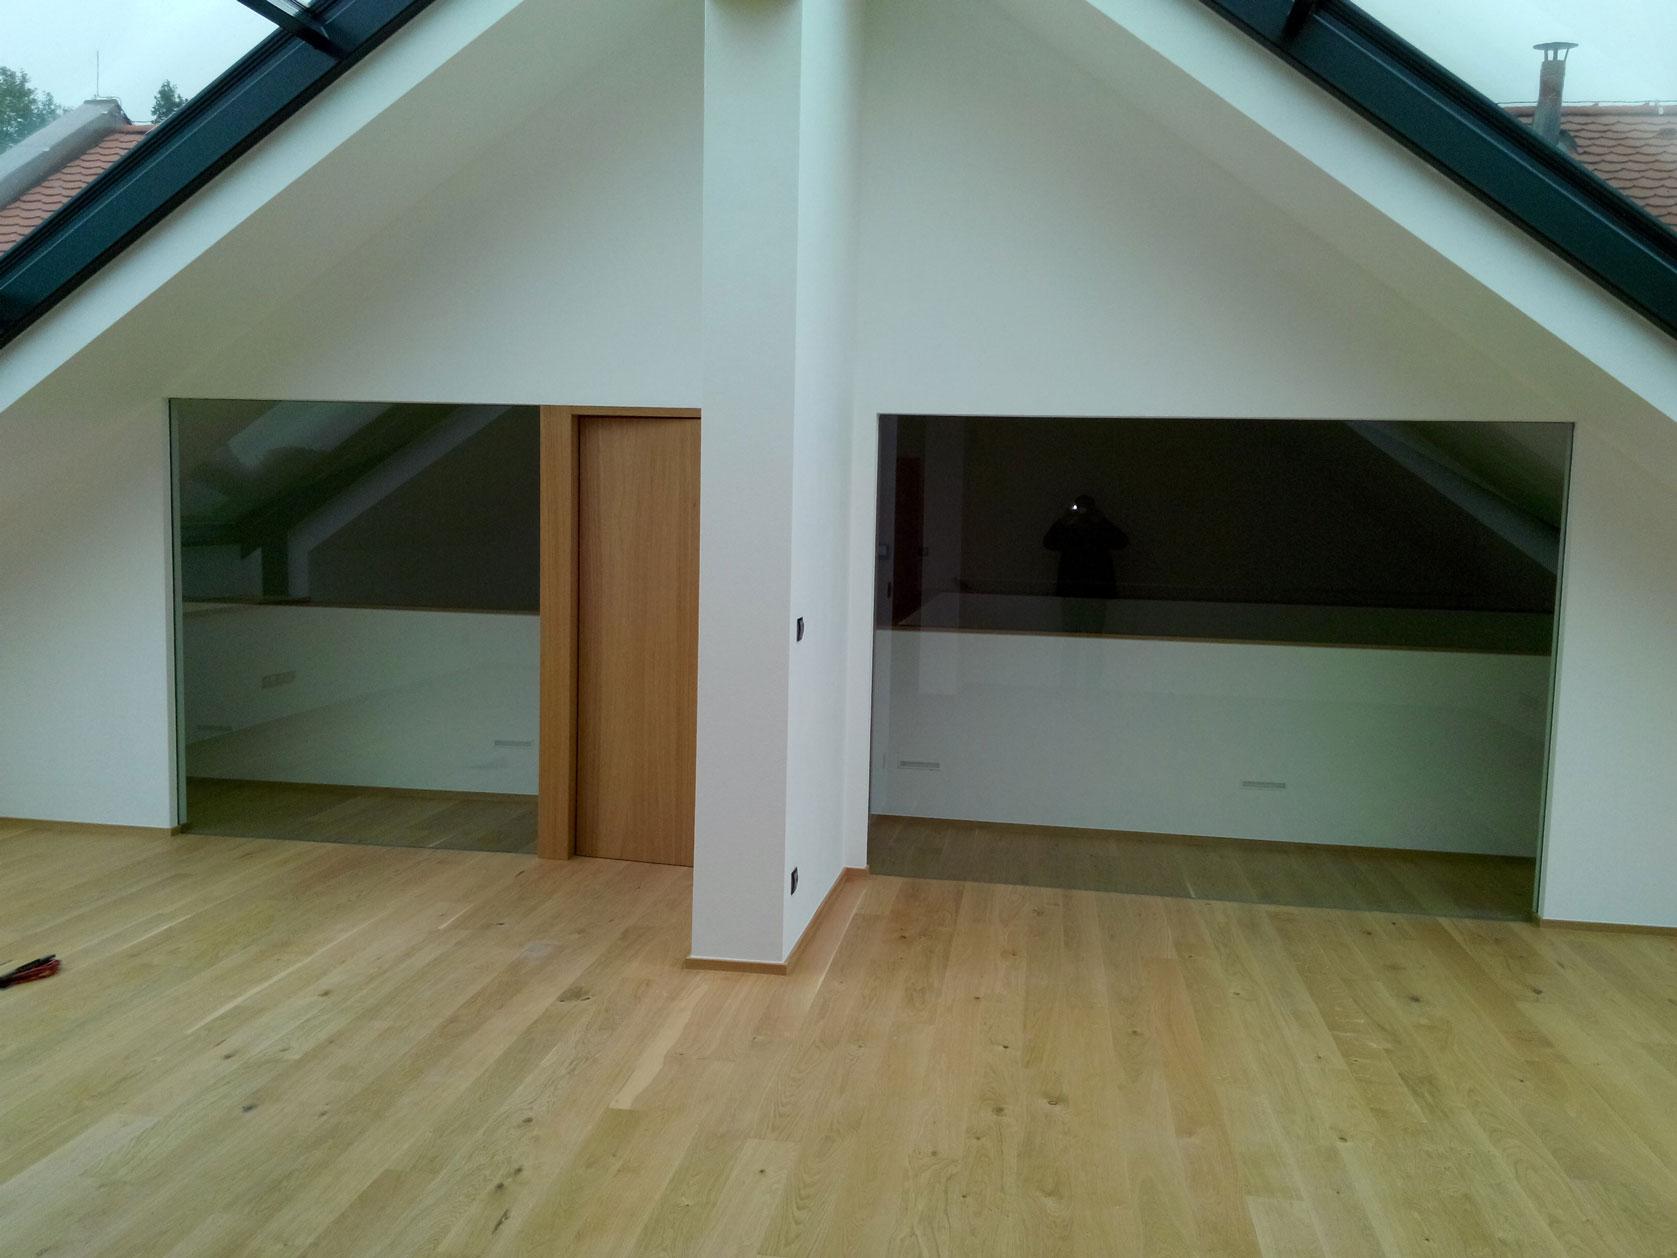 Sklenarstvi-Prerost-sklenene- steny-a-dvere (37)